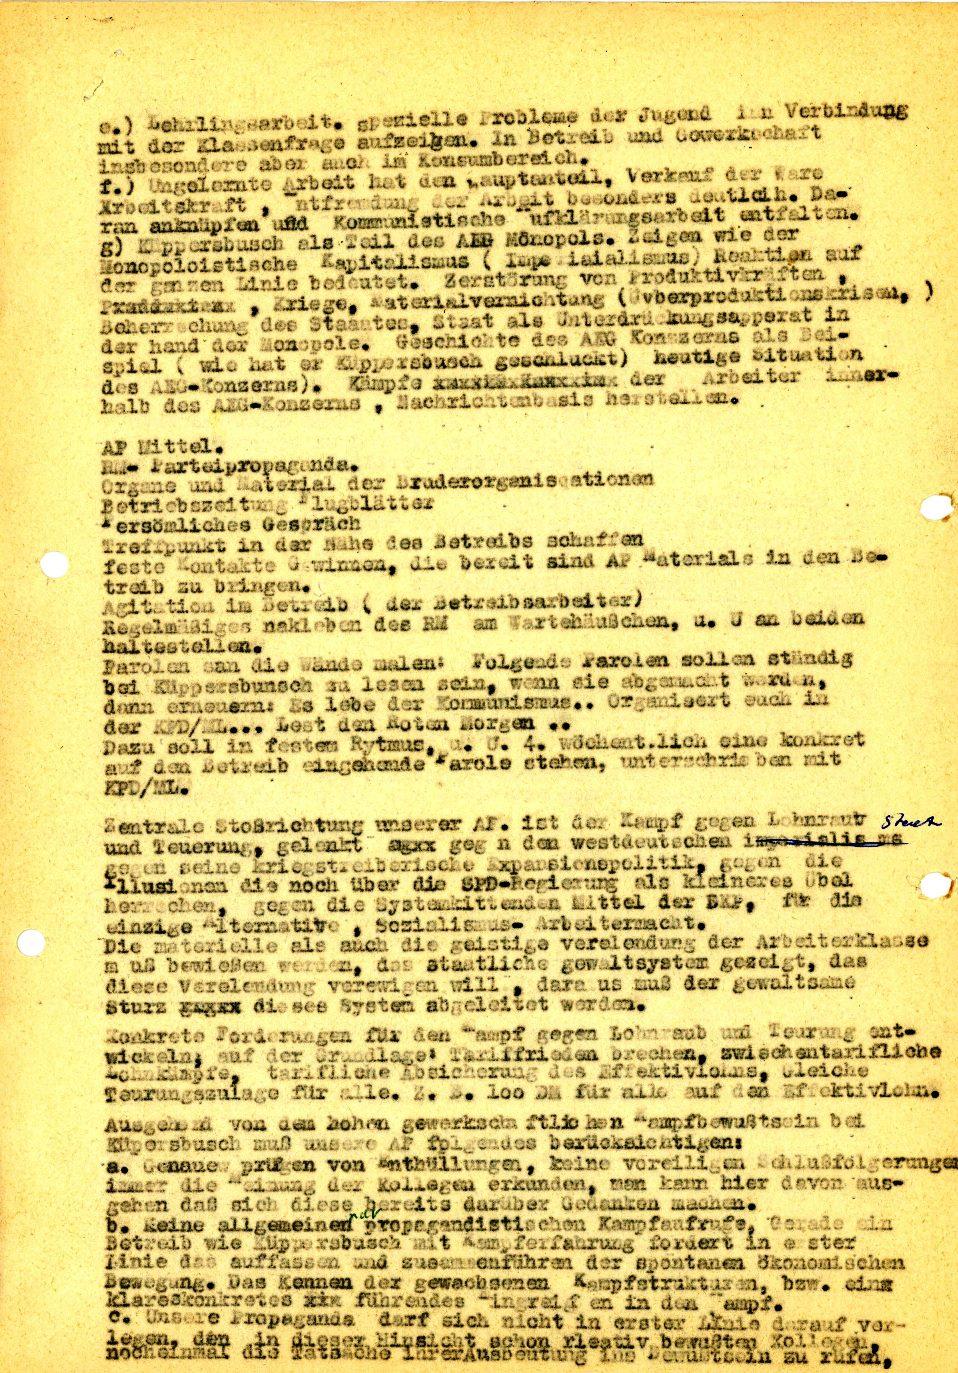 Entwurf_KPD_ML_1973_07